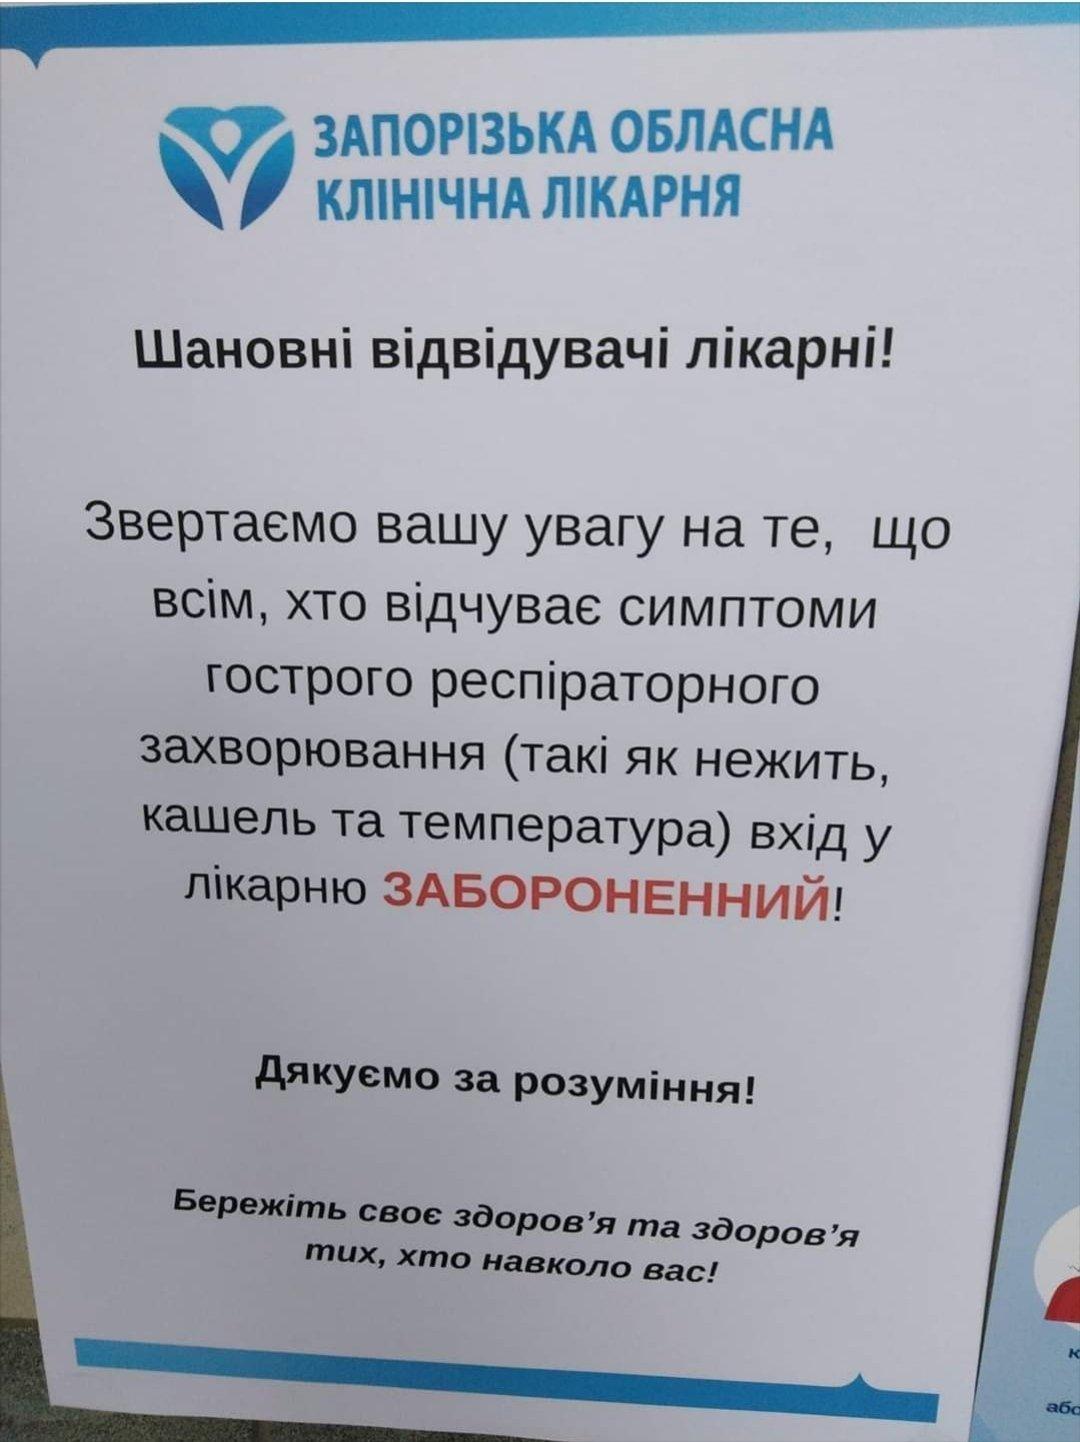 ООН и ВОЗ разрабатывают для Украины два плана помощи в борьбе с COVID-19 с бюджетом около $58 млн, - Кислица - Цензор.НЕТ 6304